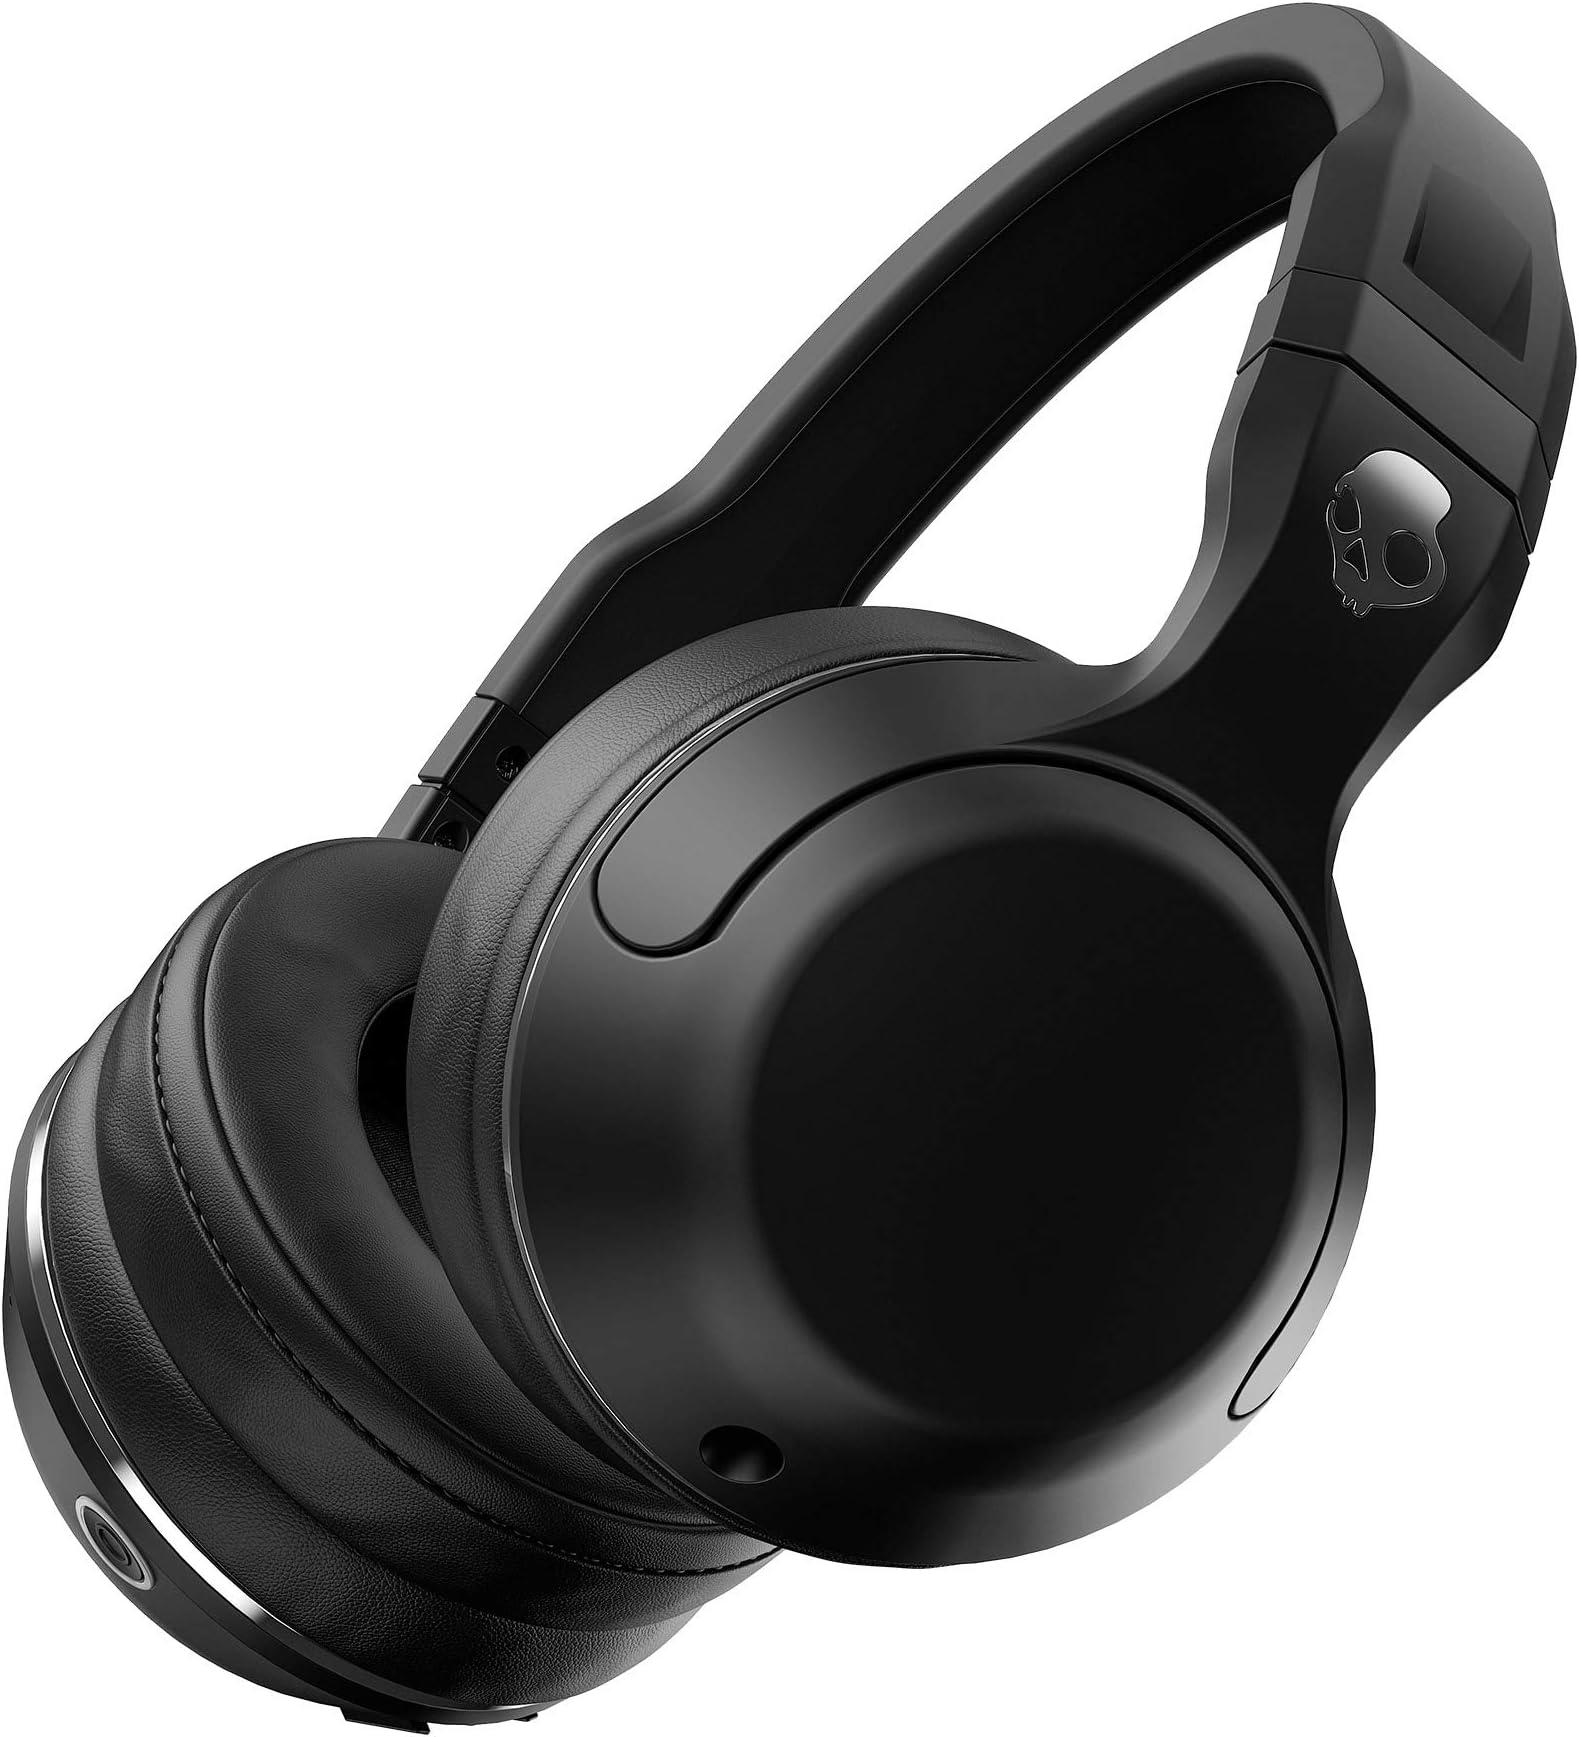 Skullcandy Hesh 2 Wireless Over-Ear Headphone - Black